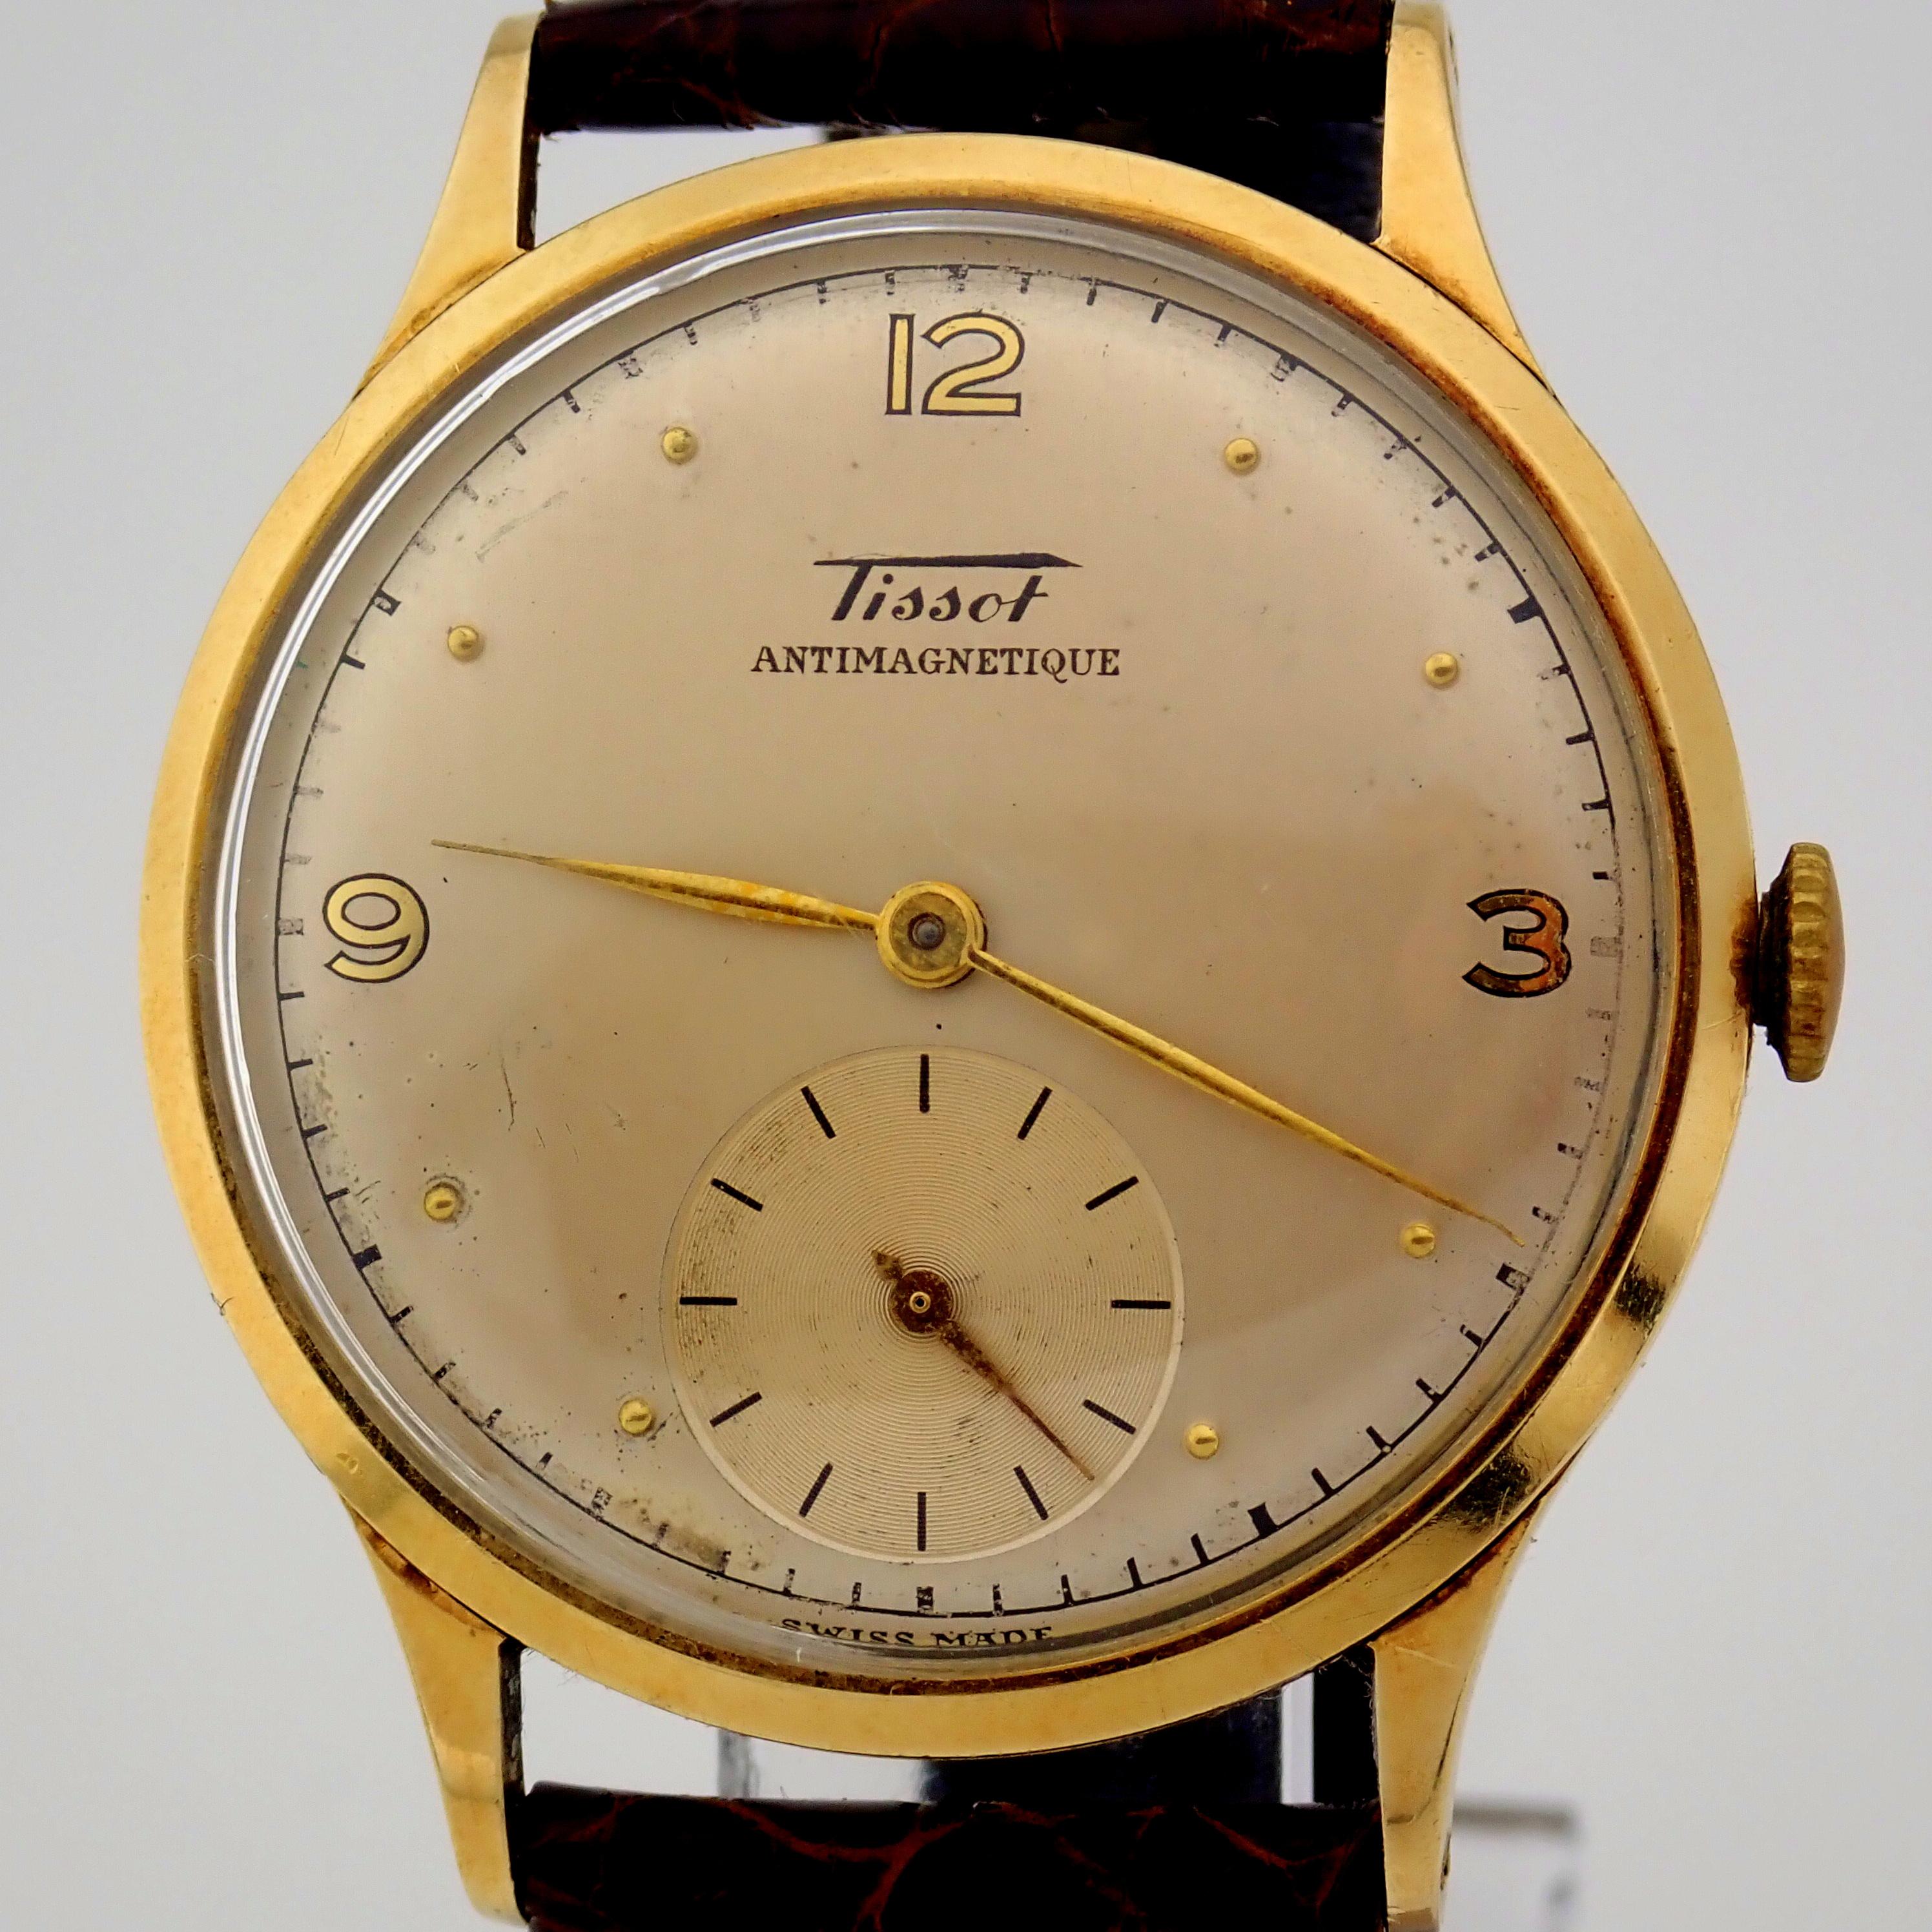 Tissot / Antimagnetique Classic 14K - Gentlemen's Yellow gold Wrist Watch - Image 4 of 12